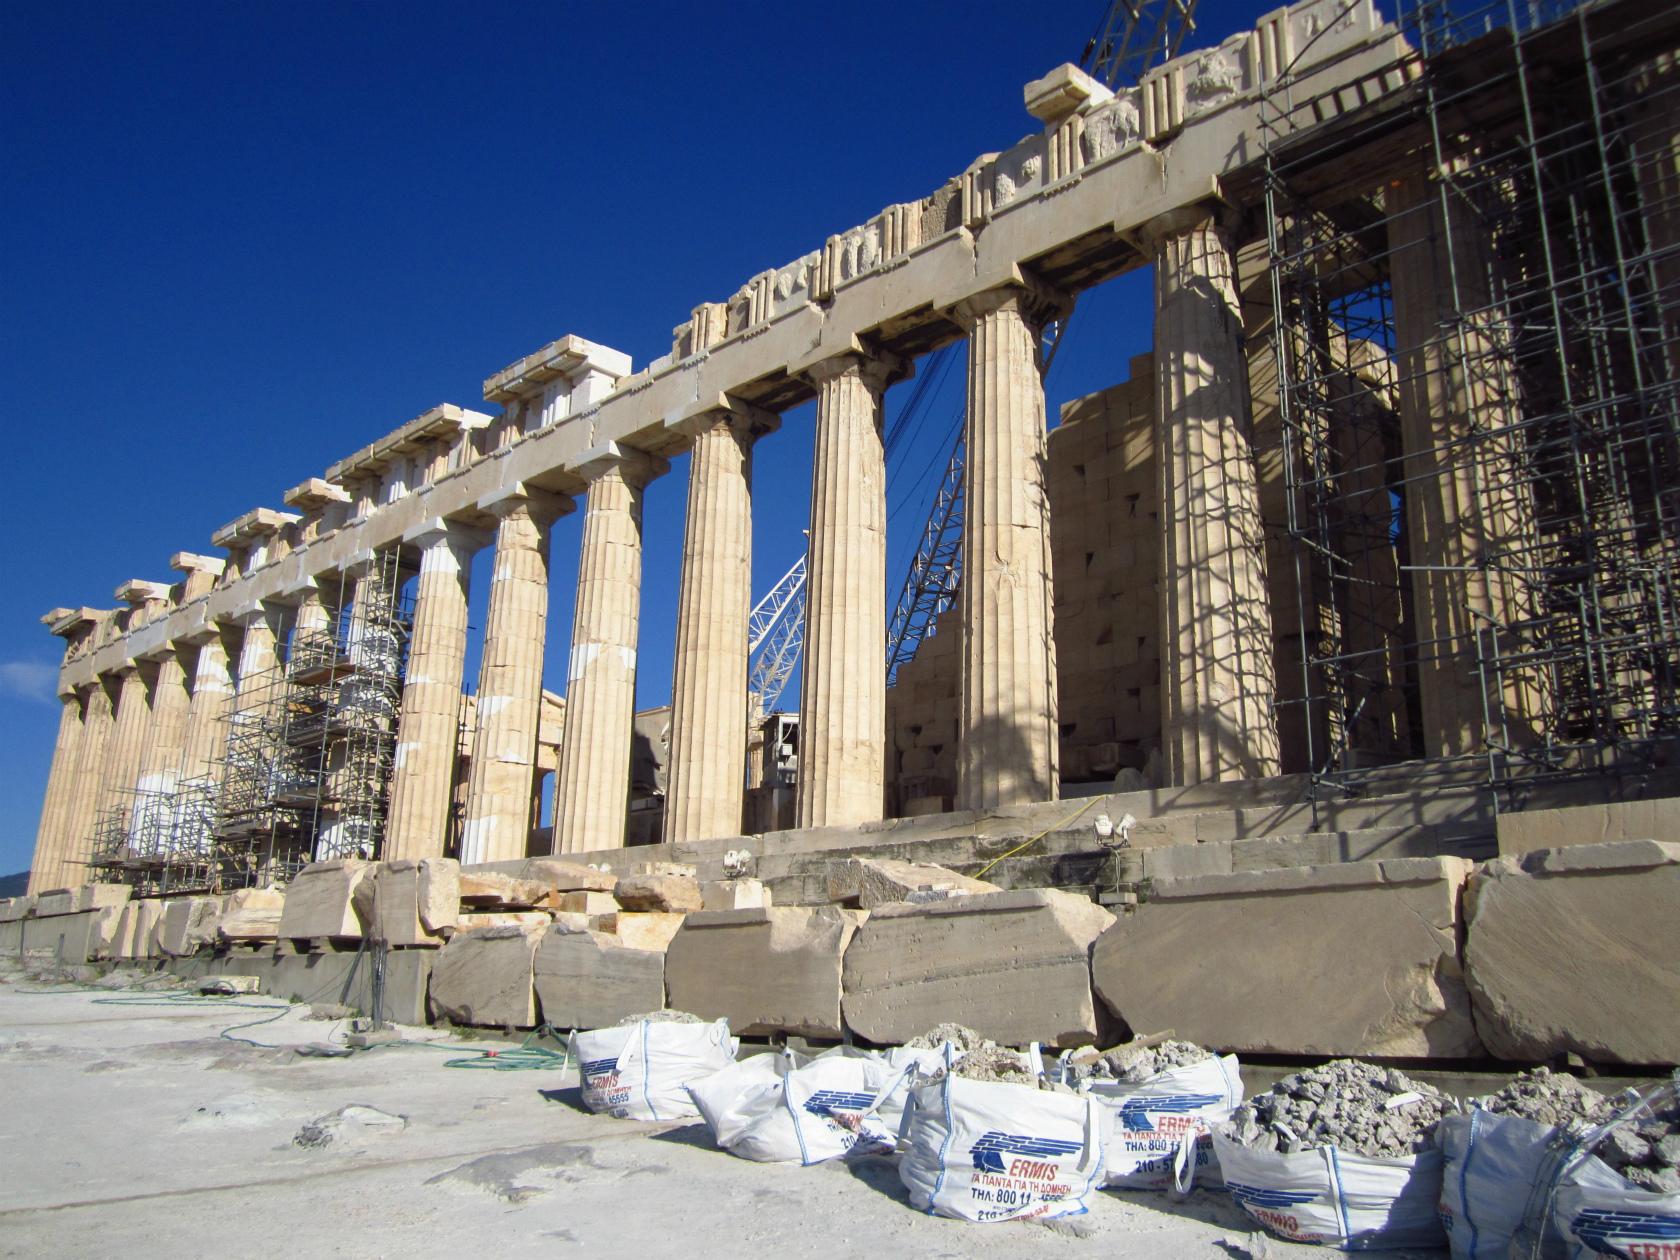 パルテノン神殿の画像 p1_37